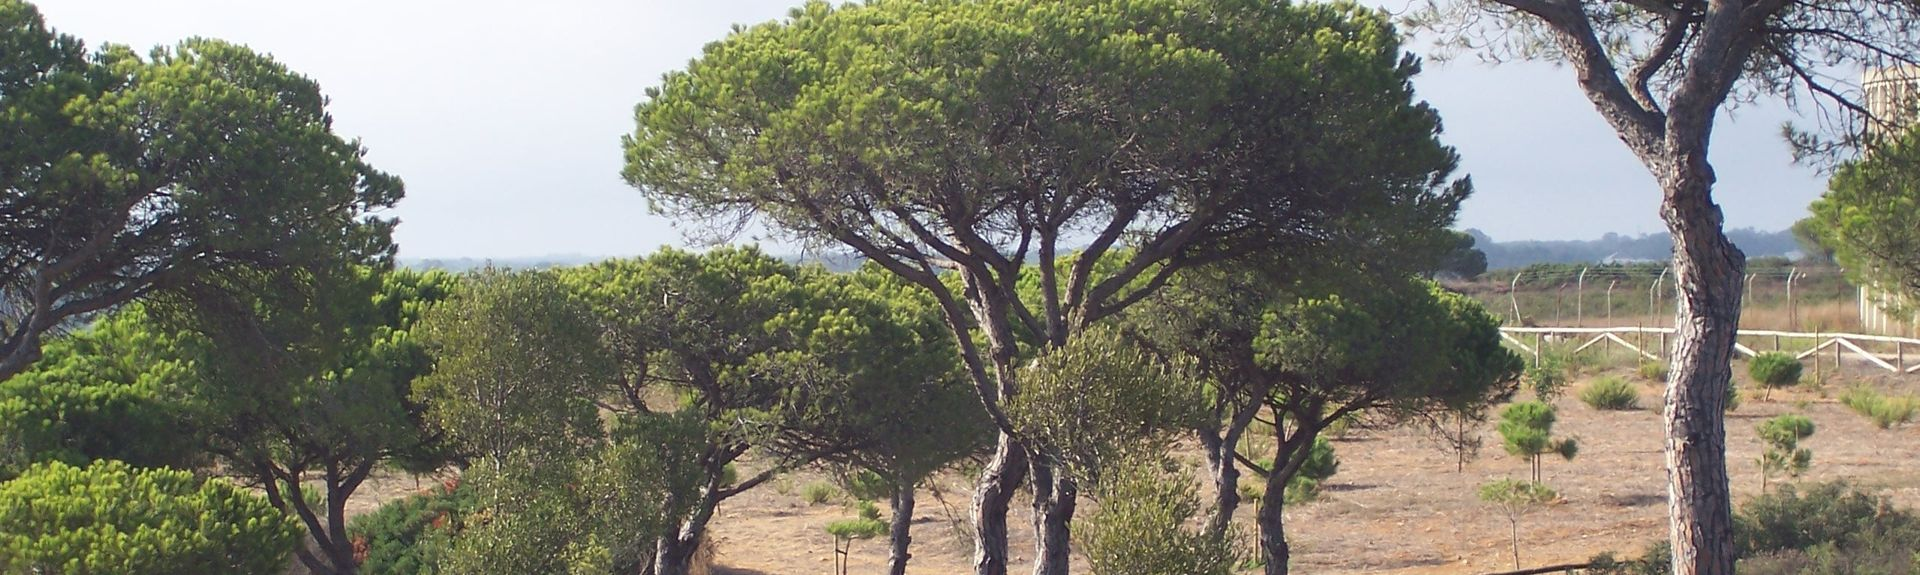 Conil Beach, Conil de la Frontera, Spain